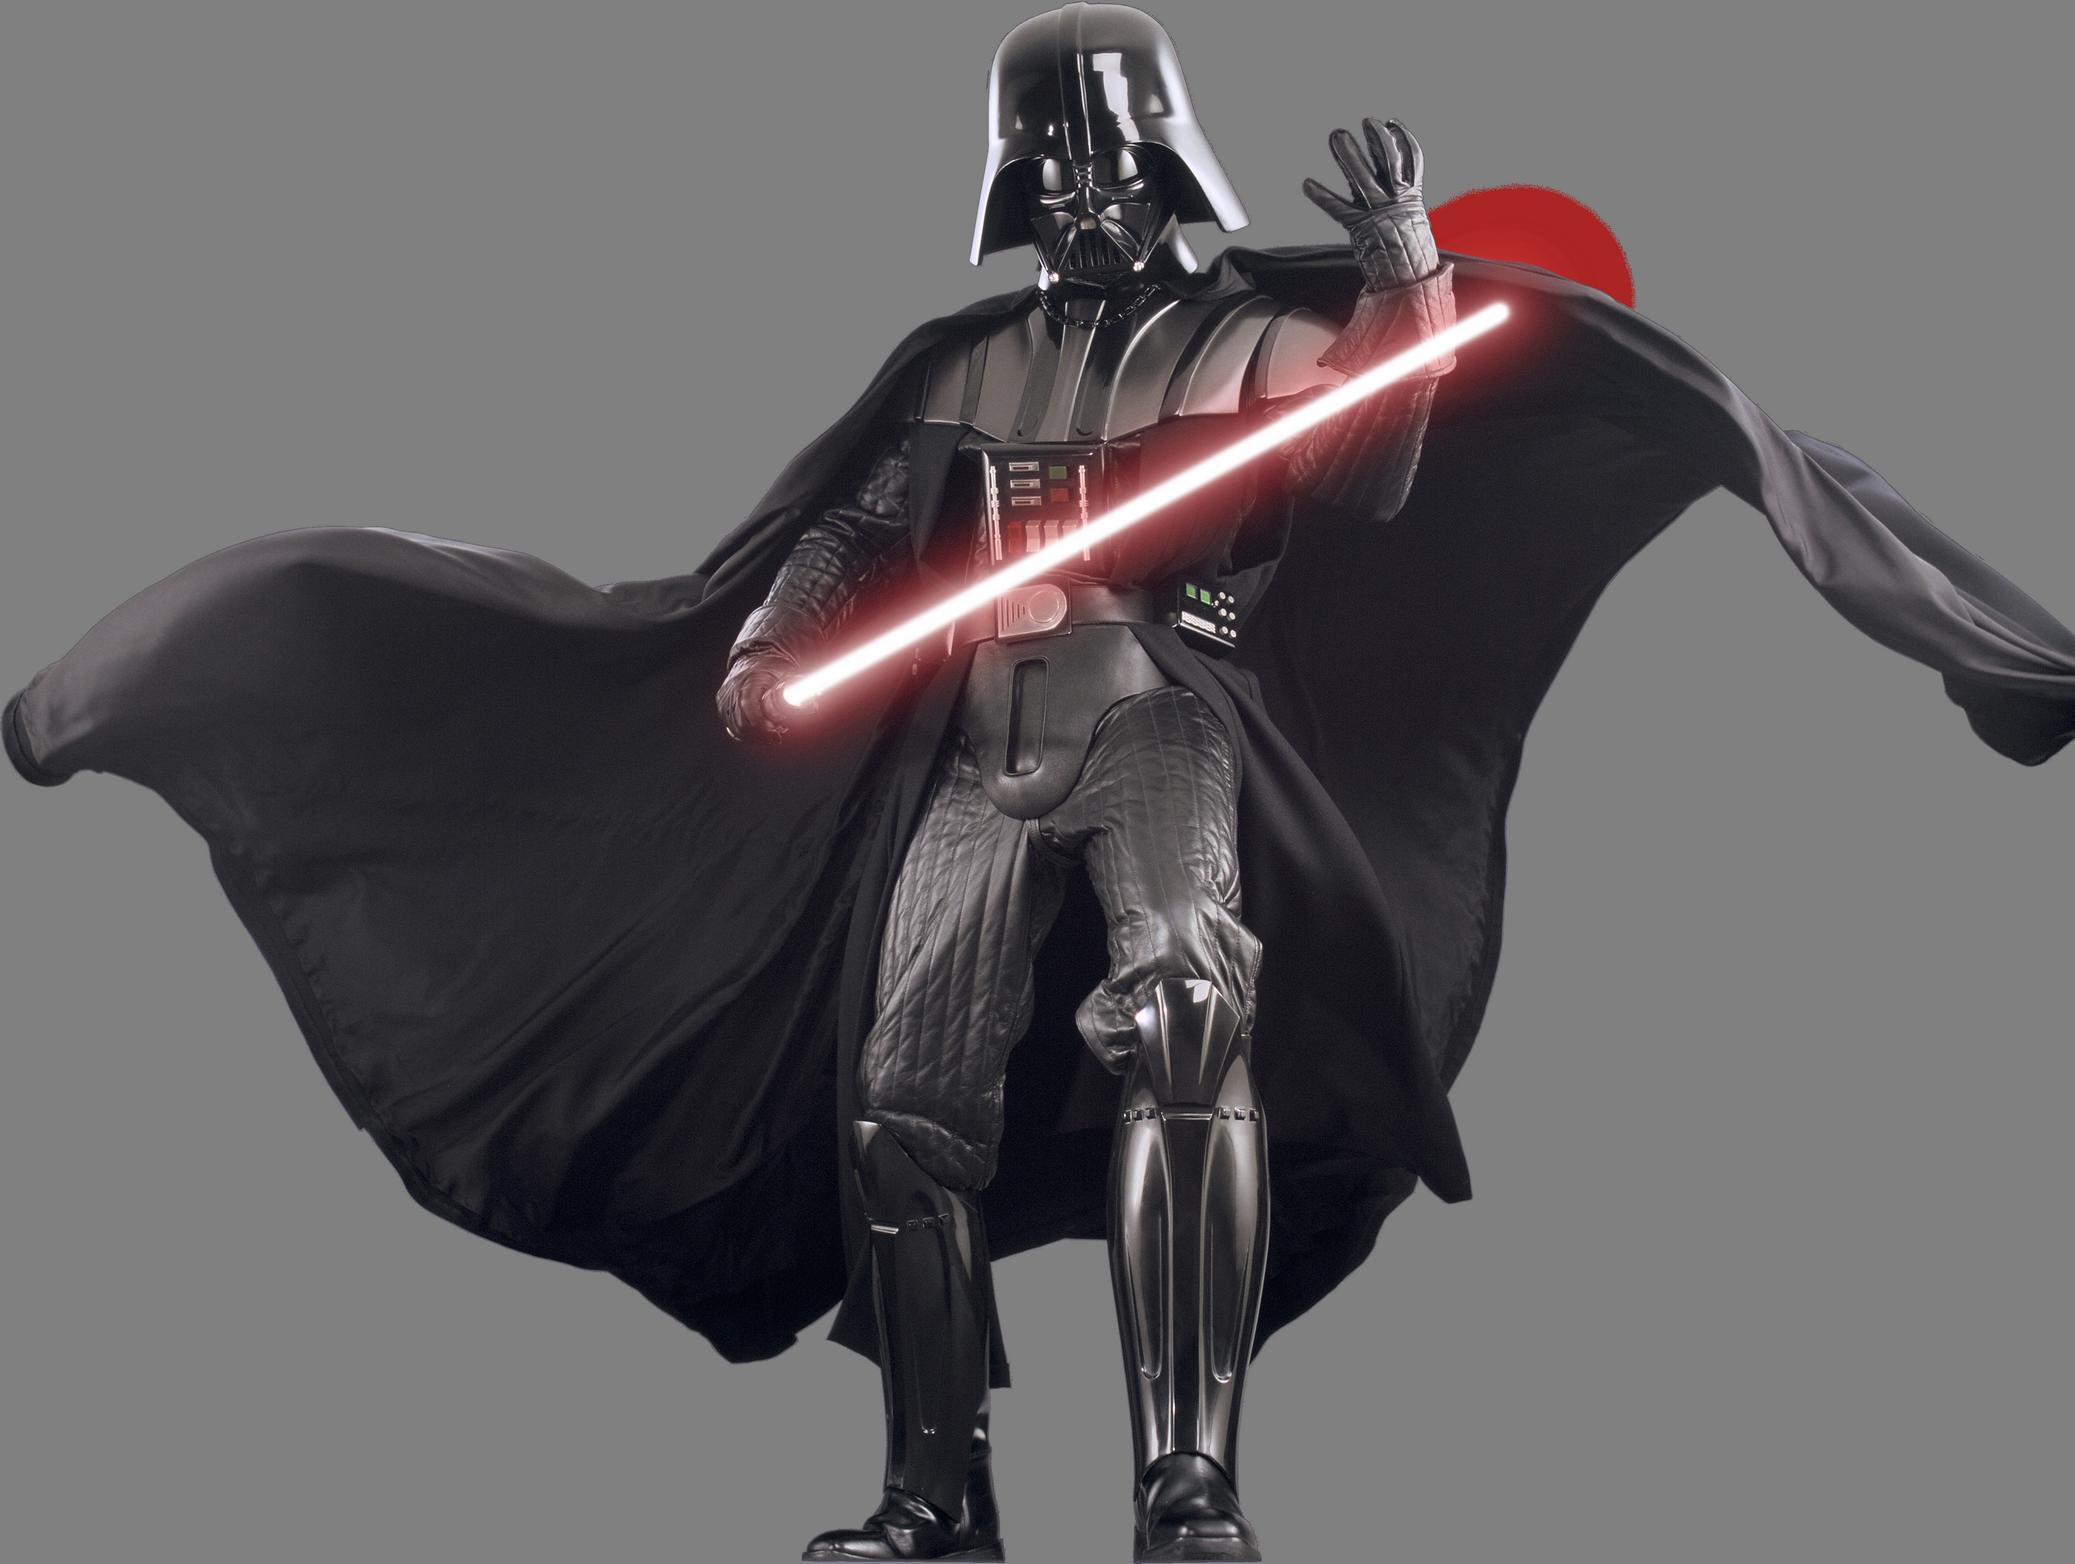 Star wars darth vader clipart transparent stock Darth Vader PNG Image - PurePNG   Free transparent CC0 PNG Image Library transparent stock